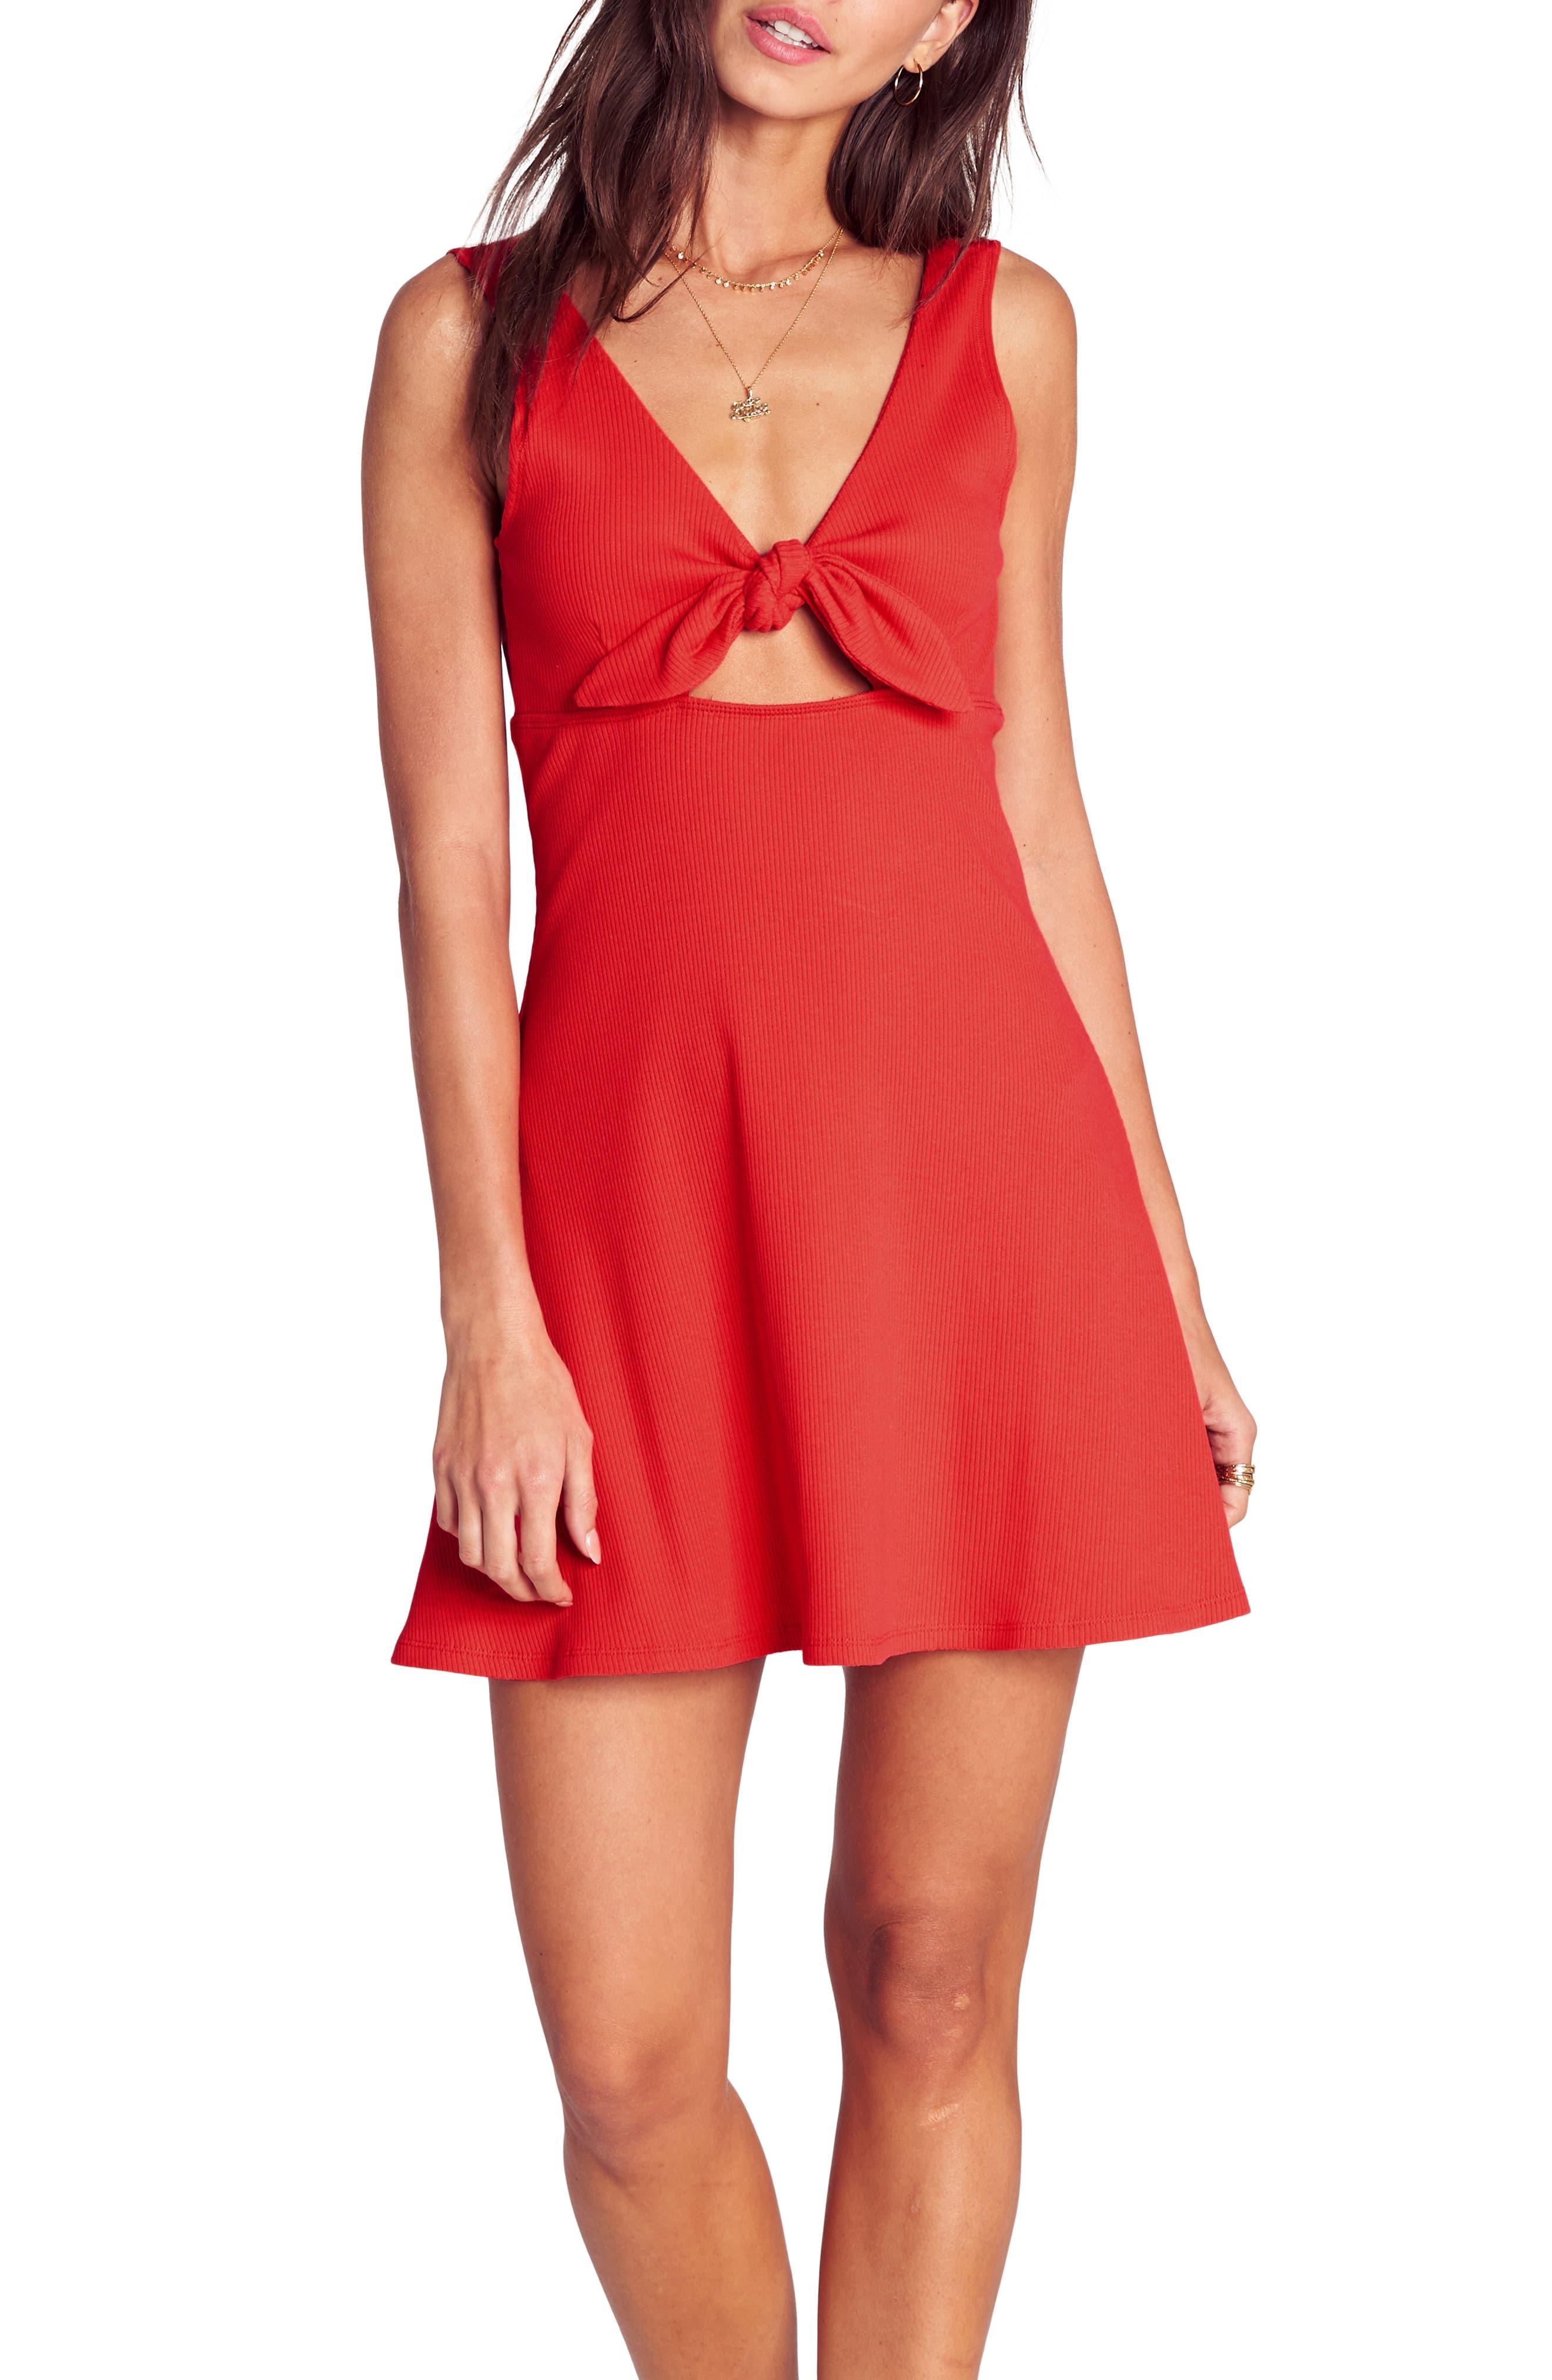 BILLABONG Hola Holiday Cutout Minidress, Main, color, SUNSET RED